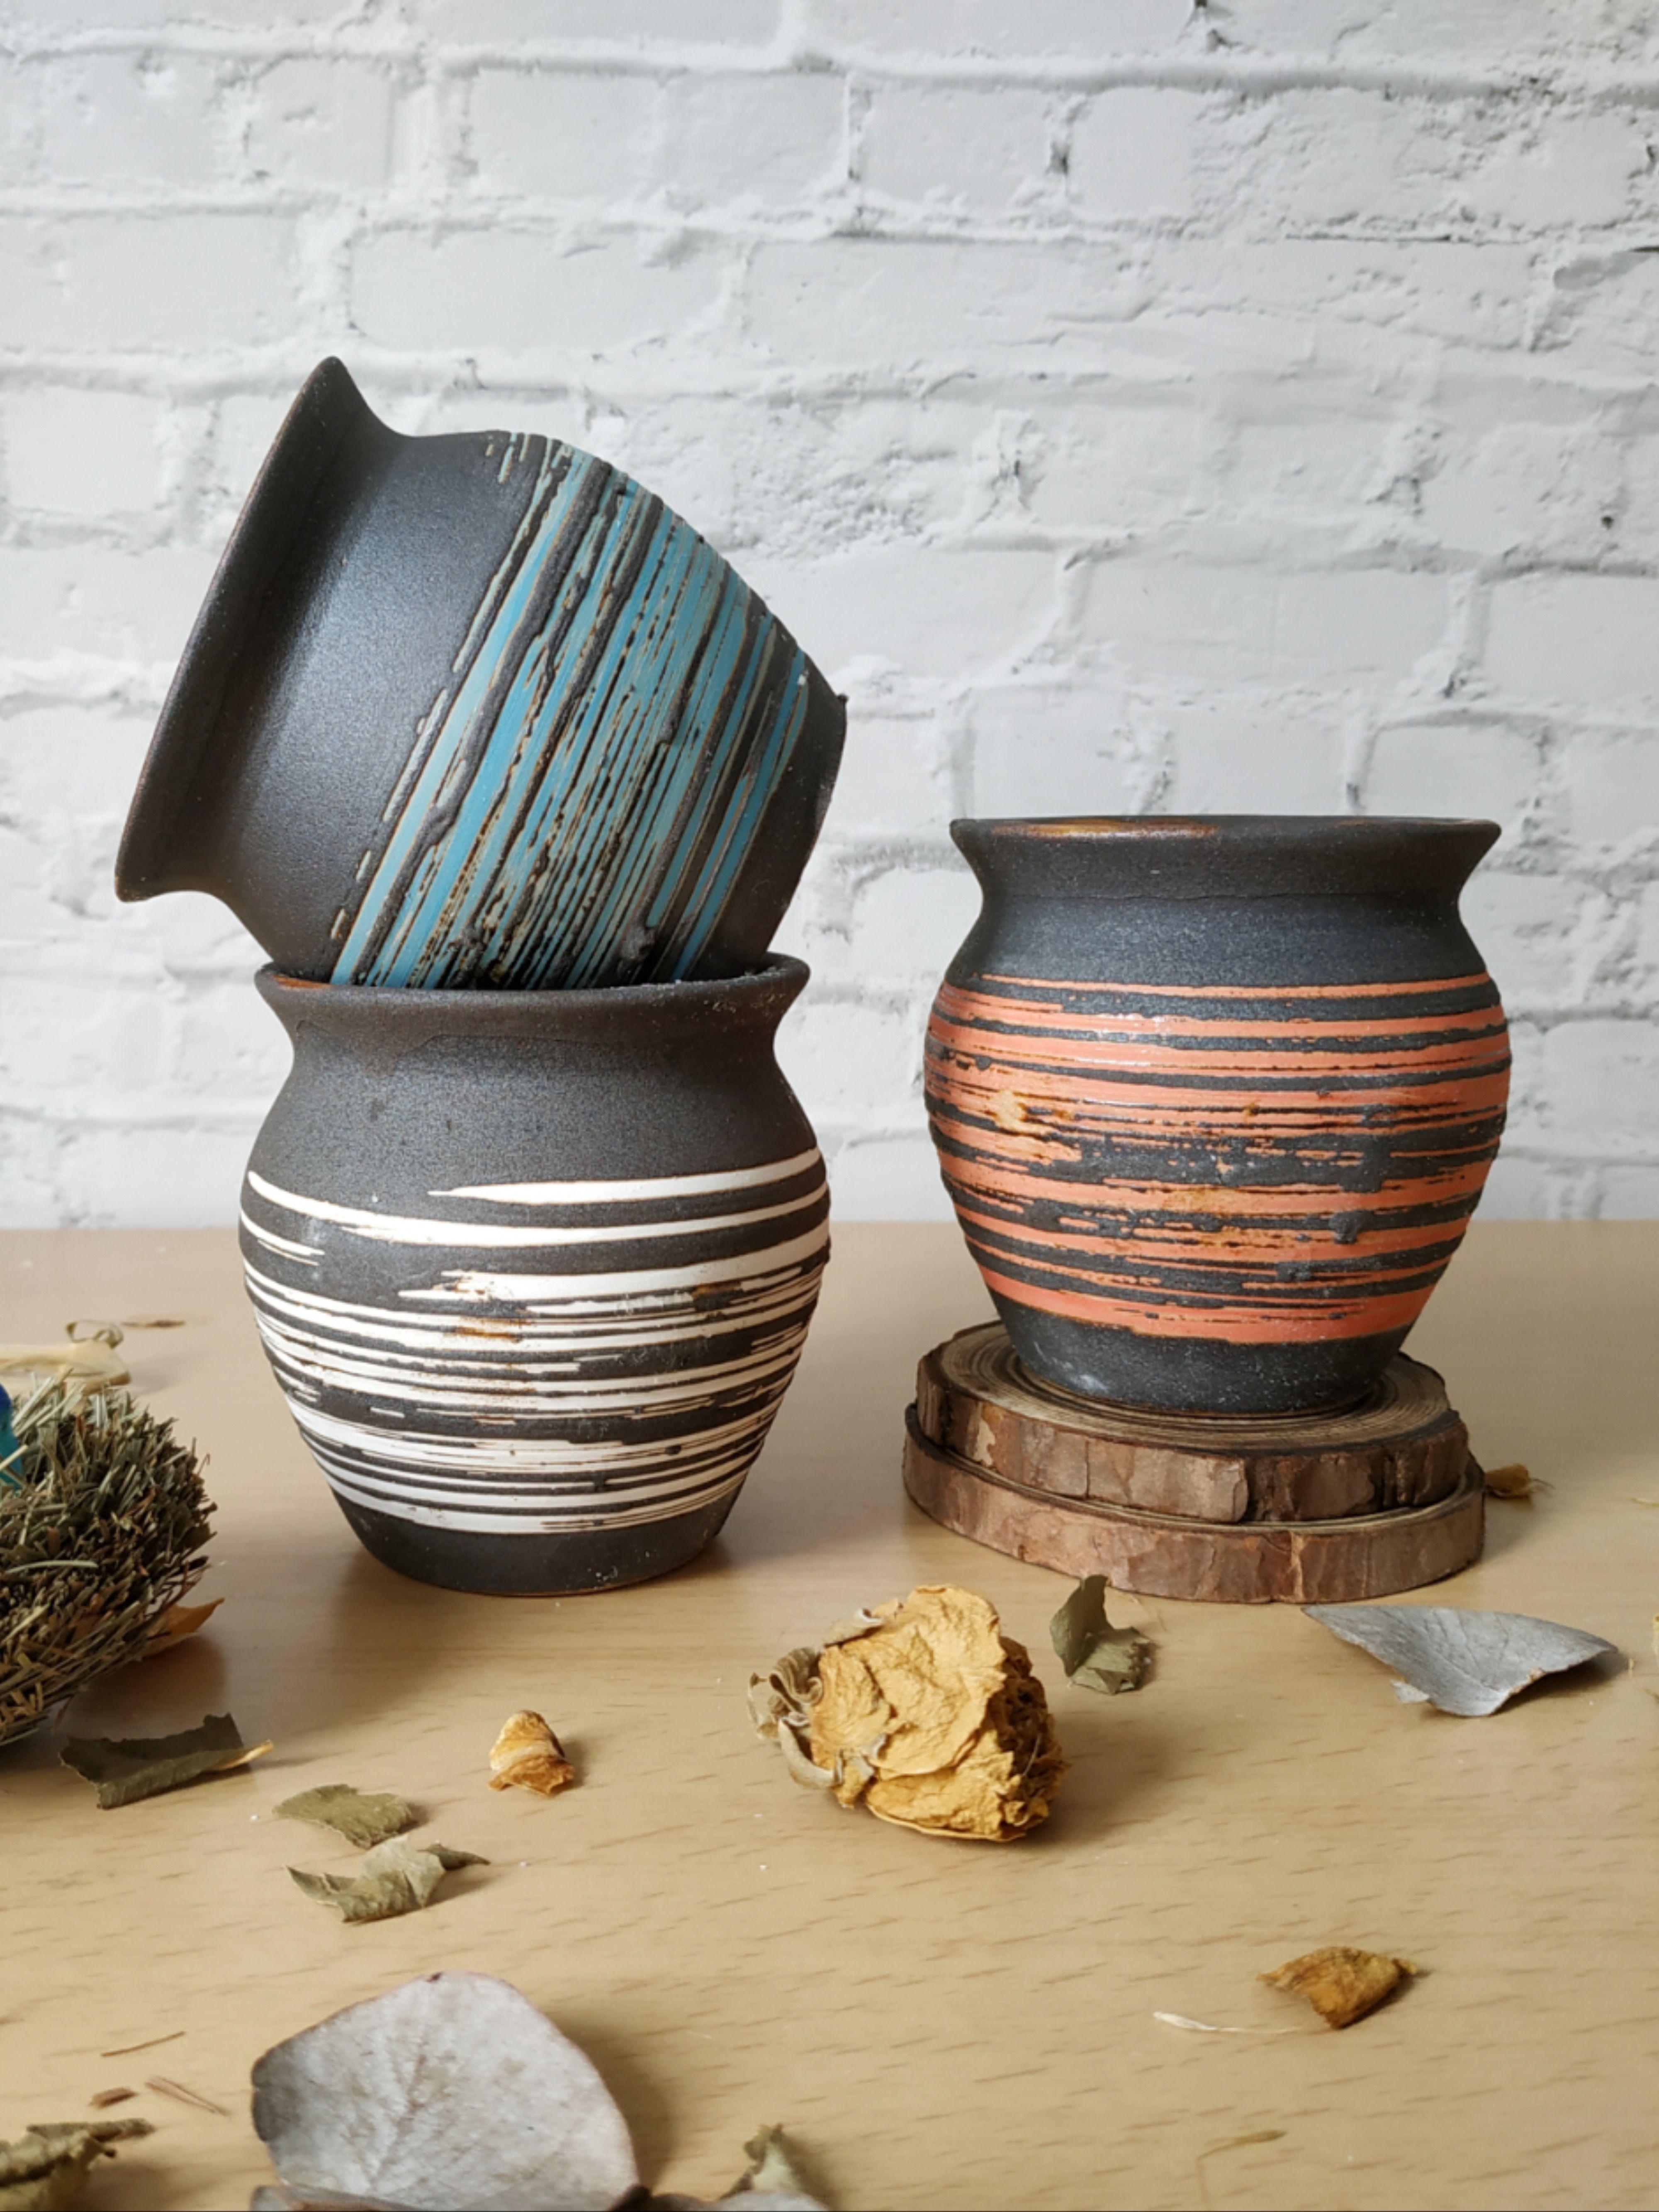 Set Of 3 Ceramic Pot Ceramic Planter Pot Planter Pot Indoor Succulent Pot Succulent Planter Clay Pot Ceramic Planter Pots Planter Pots Indoor Small Planter